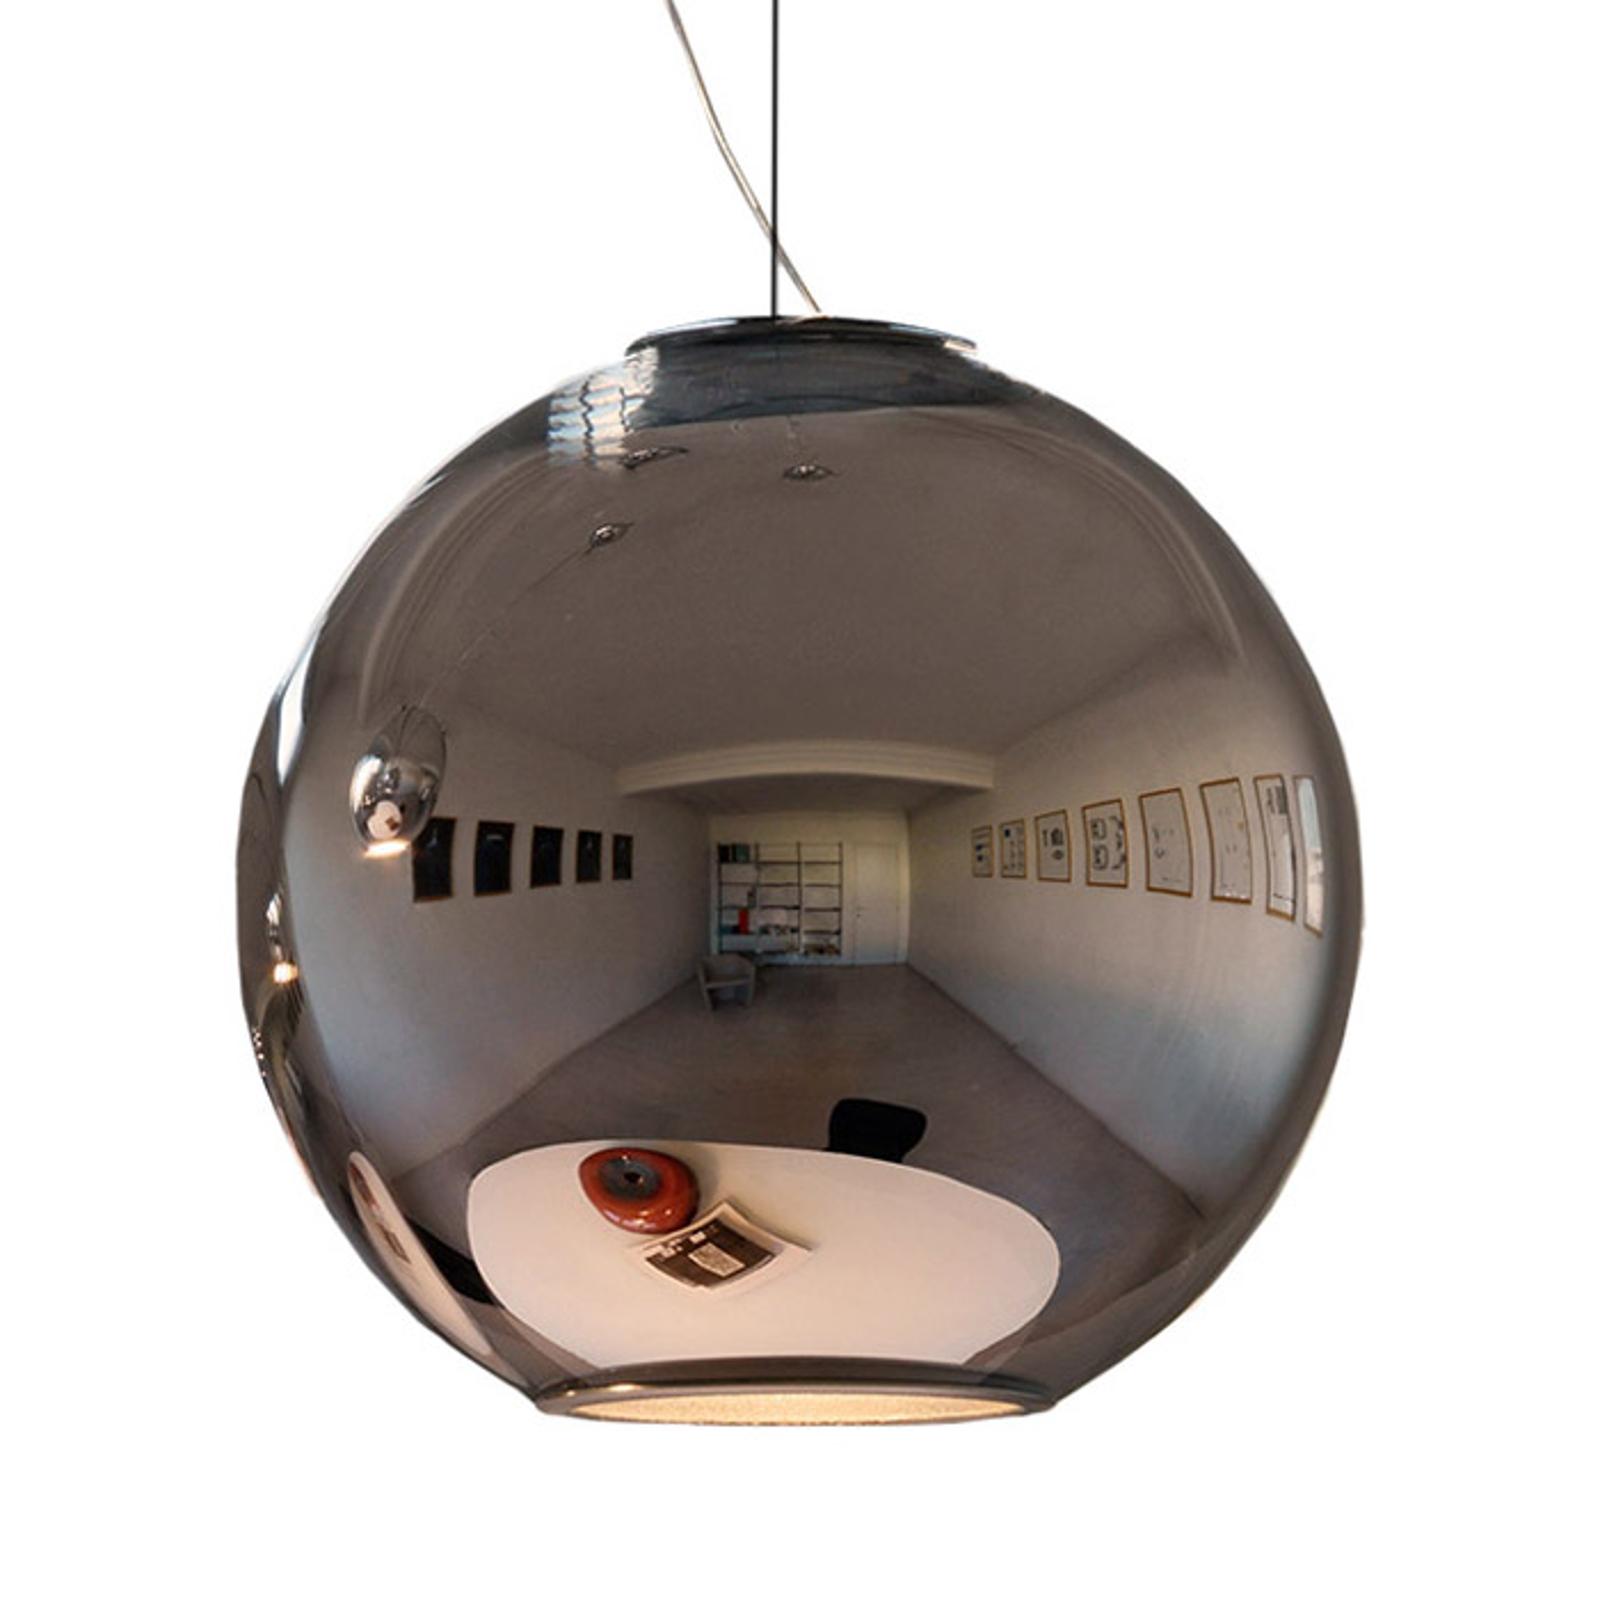 GLOBO DI LUCE - design-hanglamp, diameter 45 cm